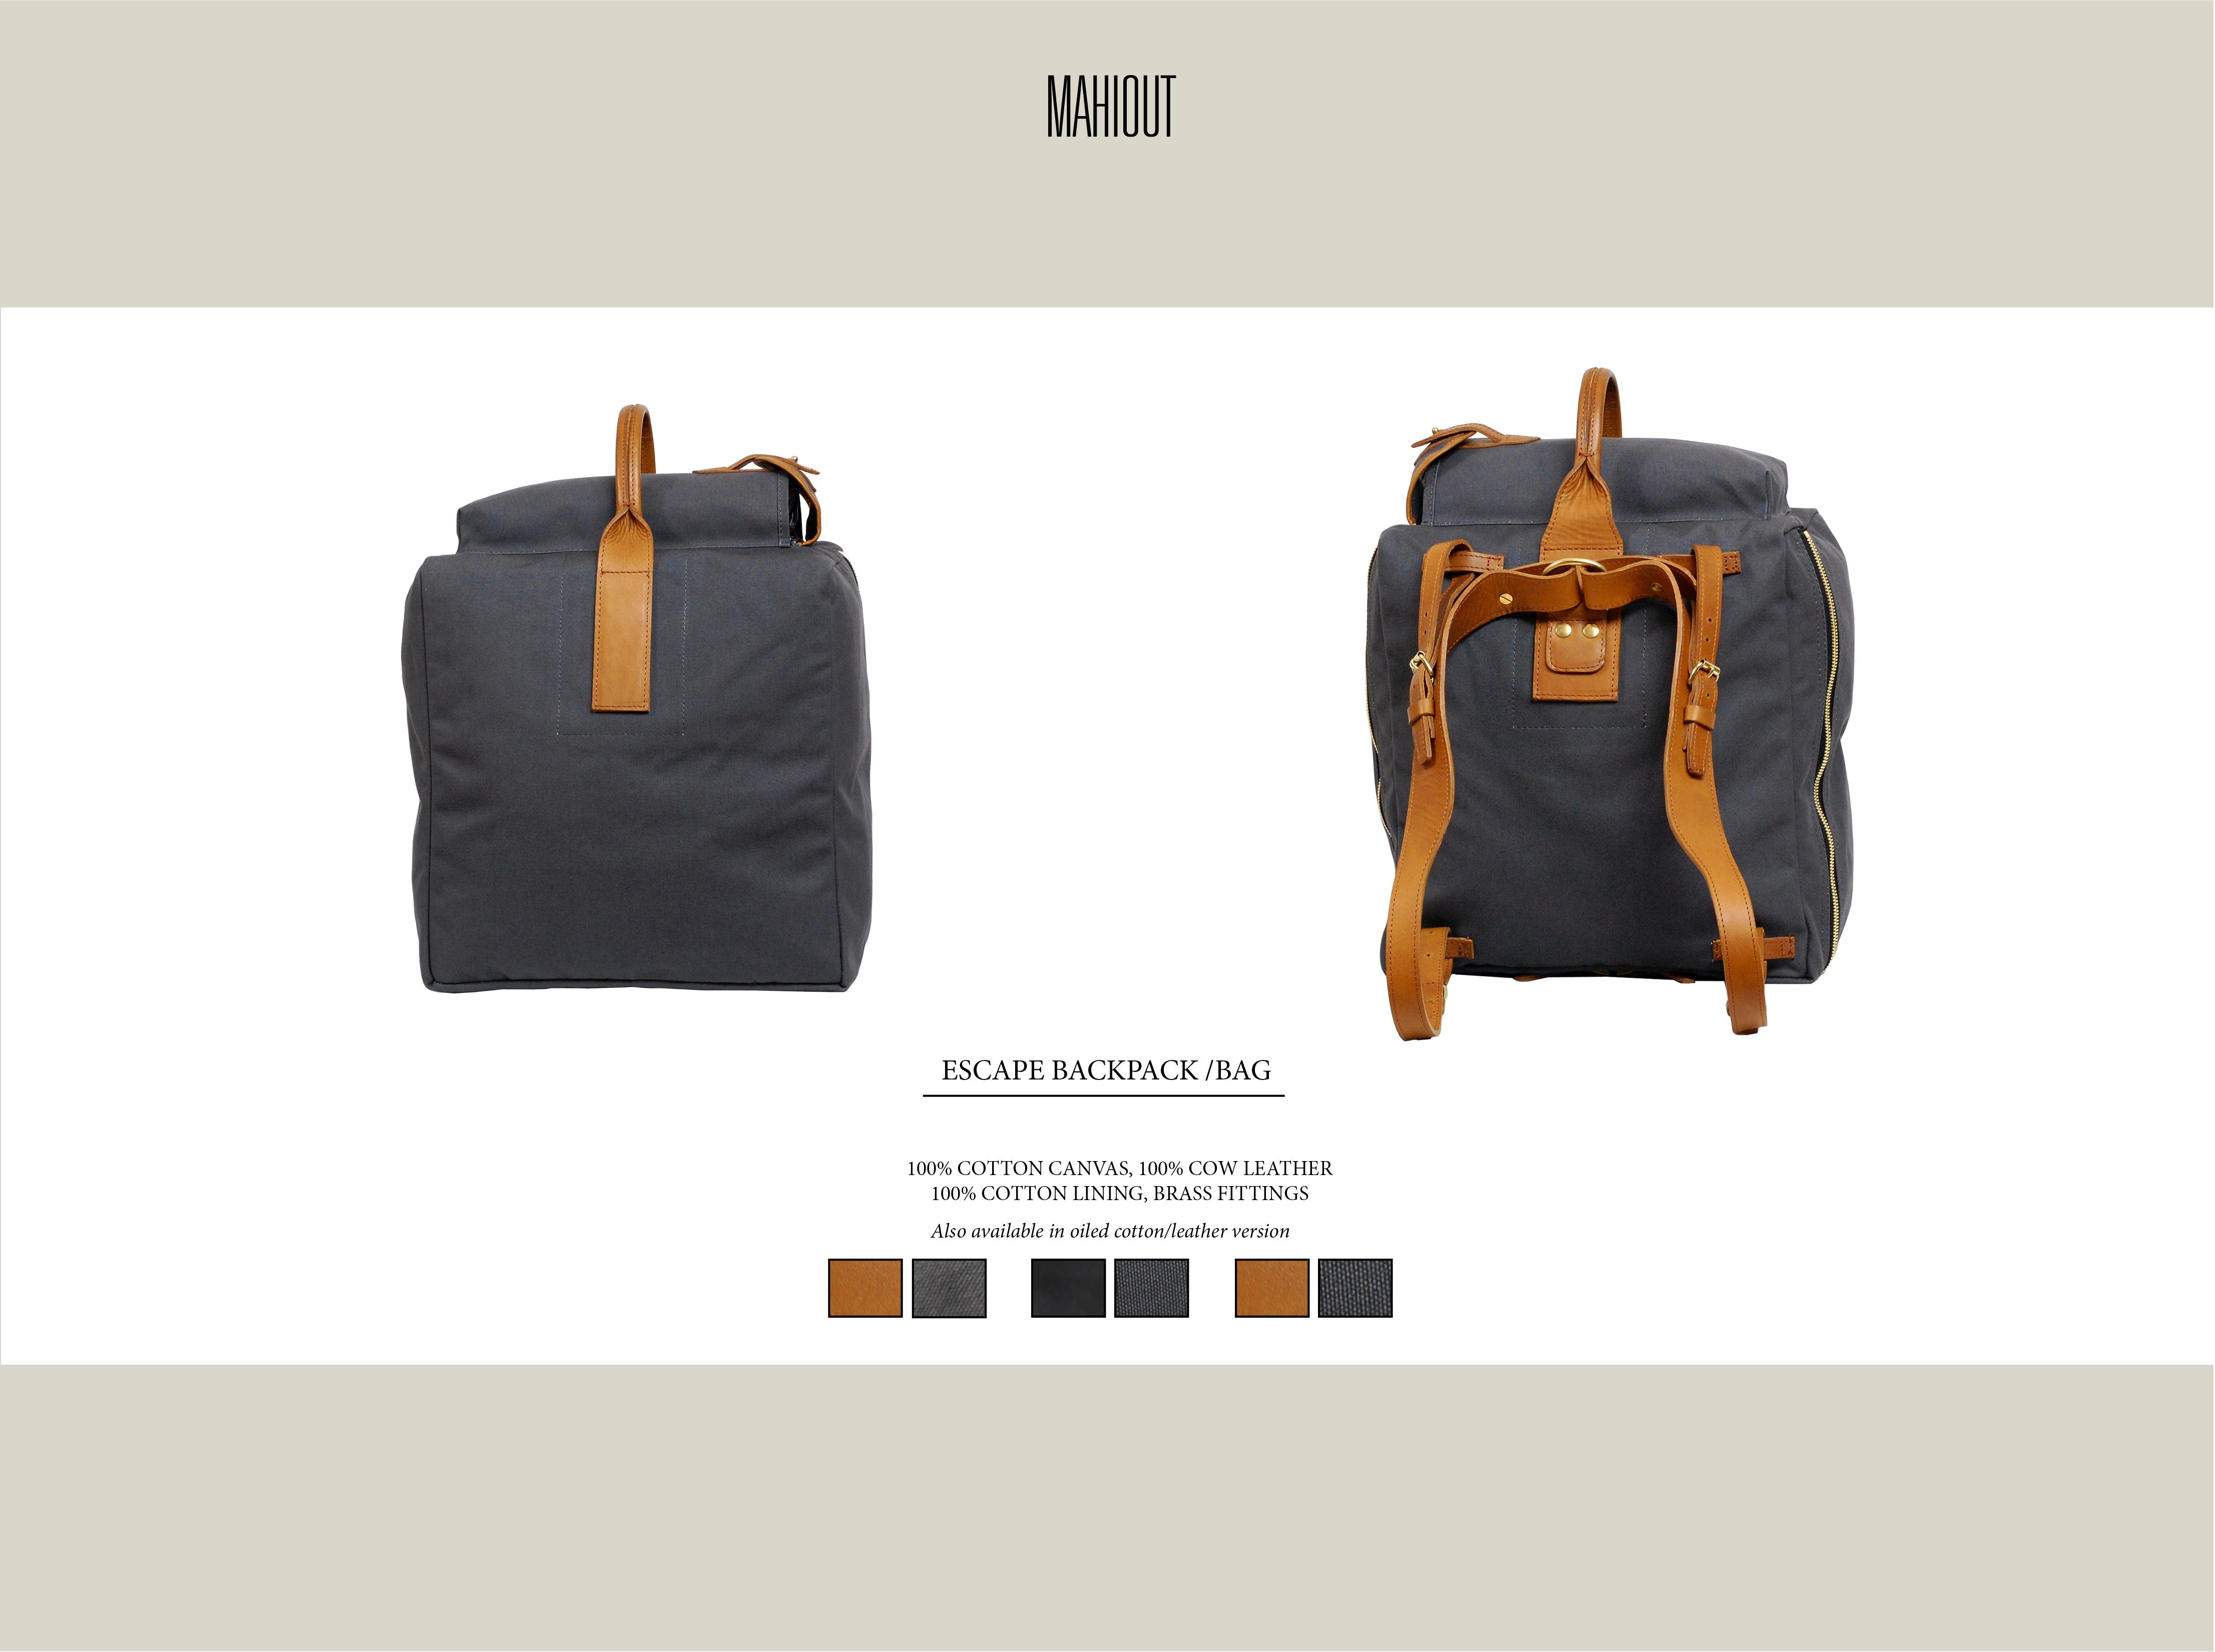 mahiout escape bag backpack